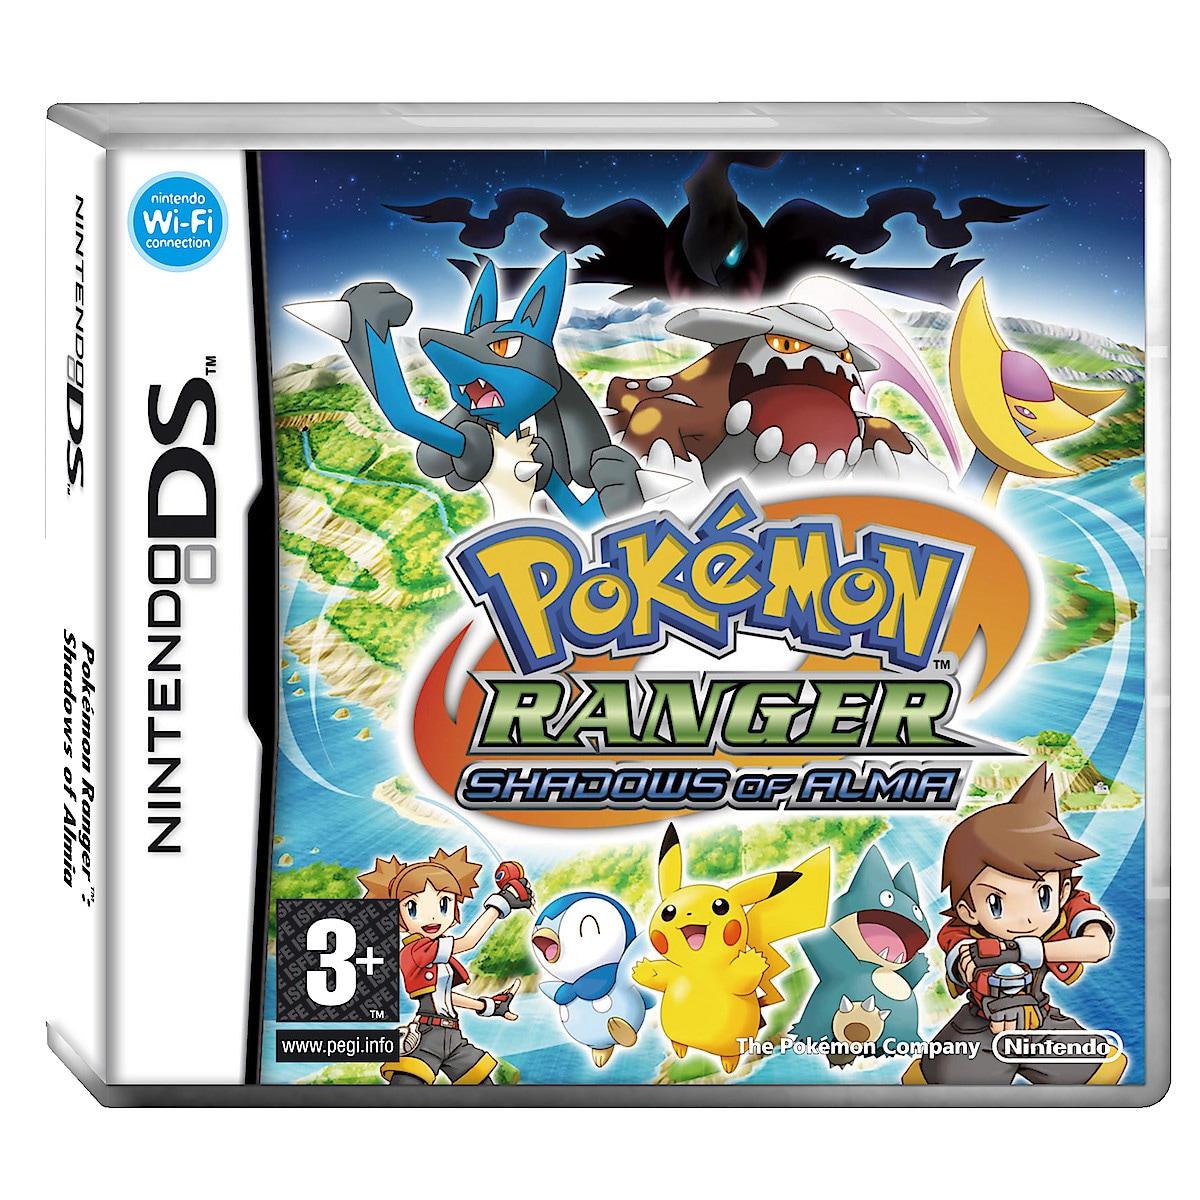 Nintendo DS™ Pókemon™ Ranger, Shadows of Almia